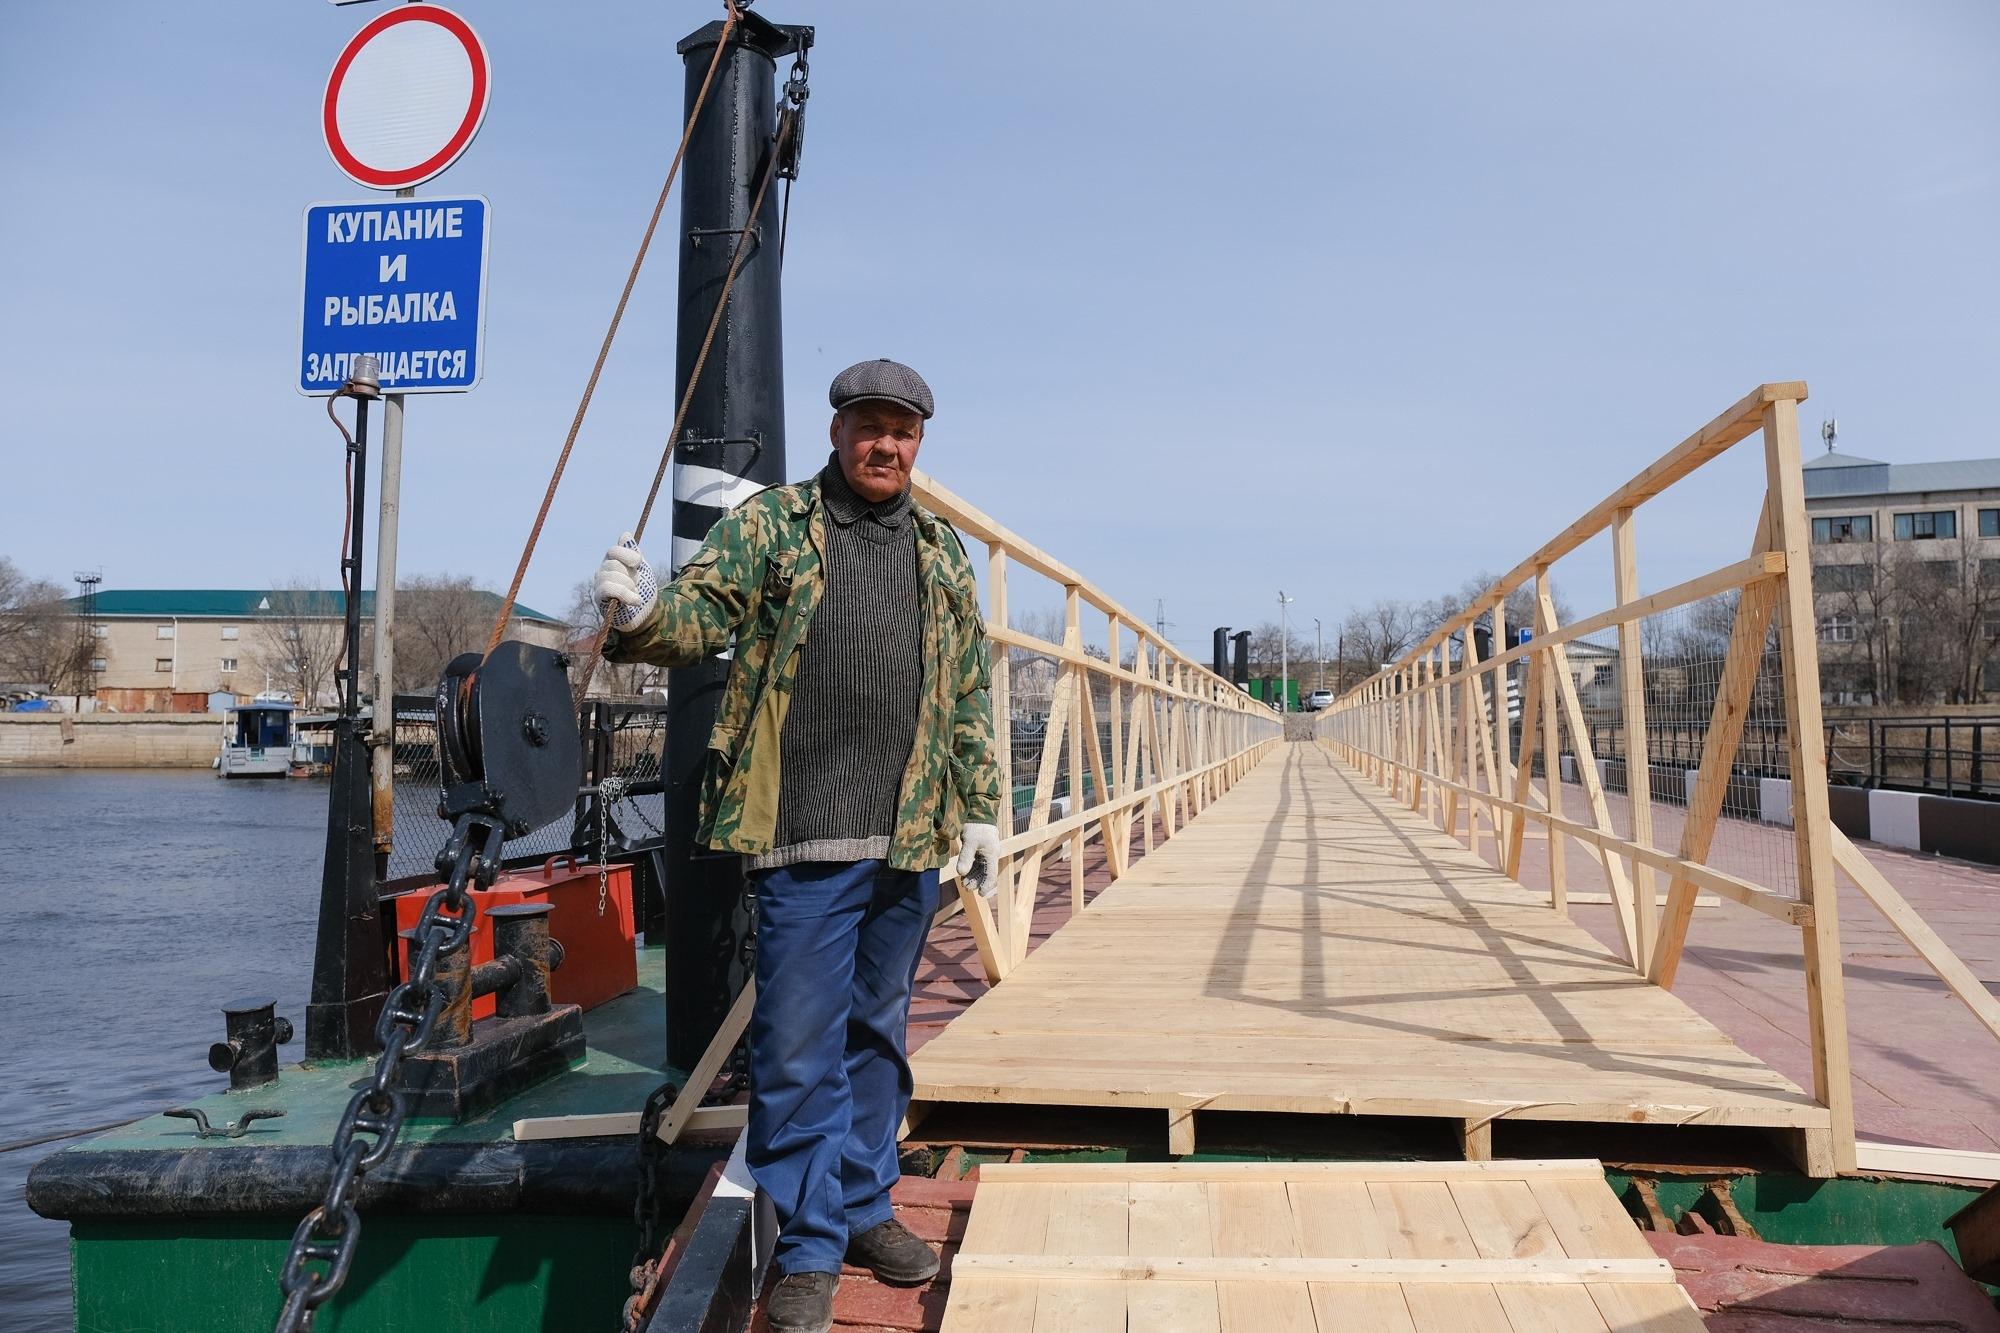 В Астрахани открыли понтонную переправу и запретили ловить рыбу